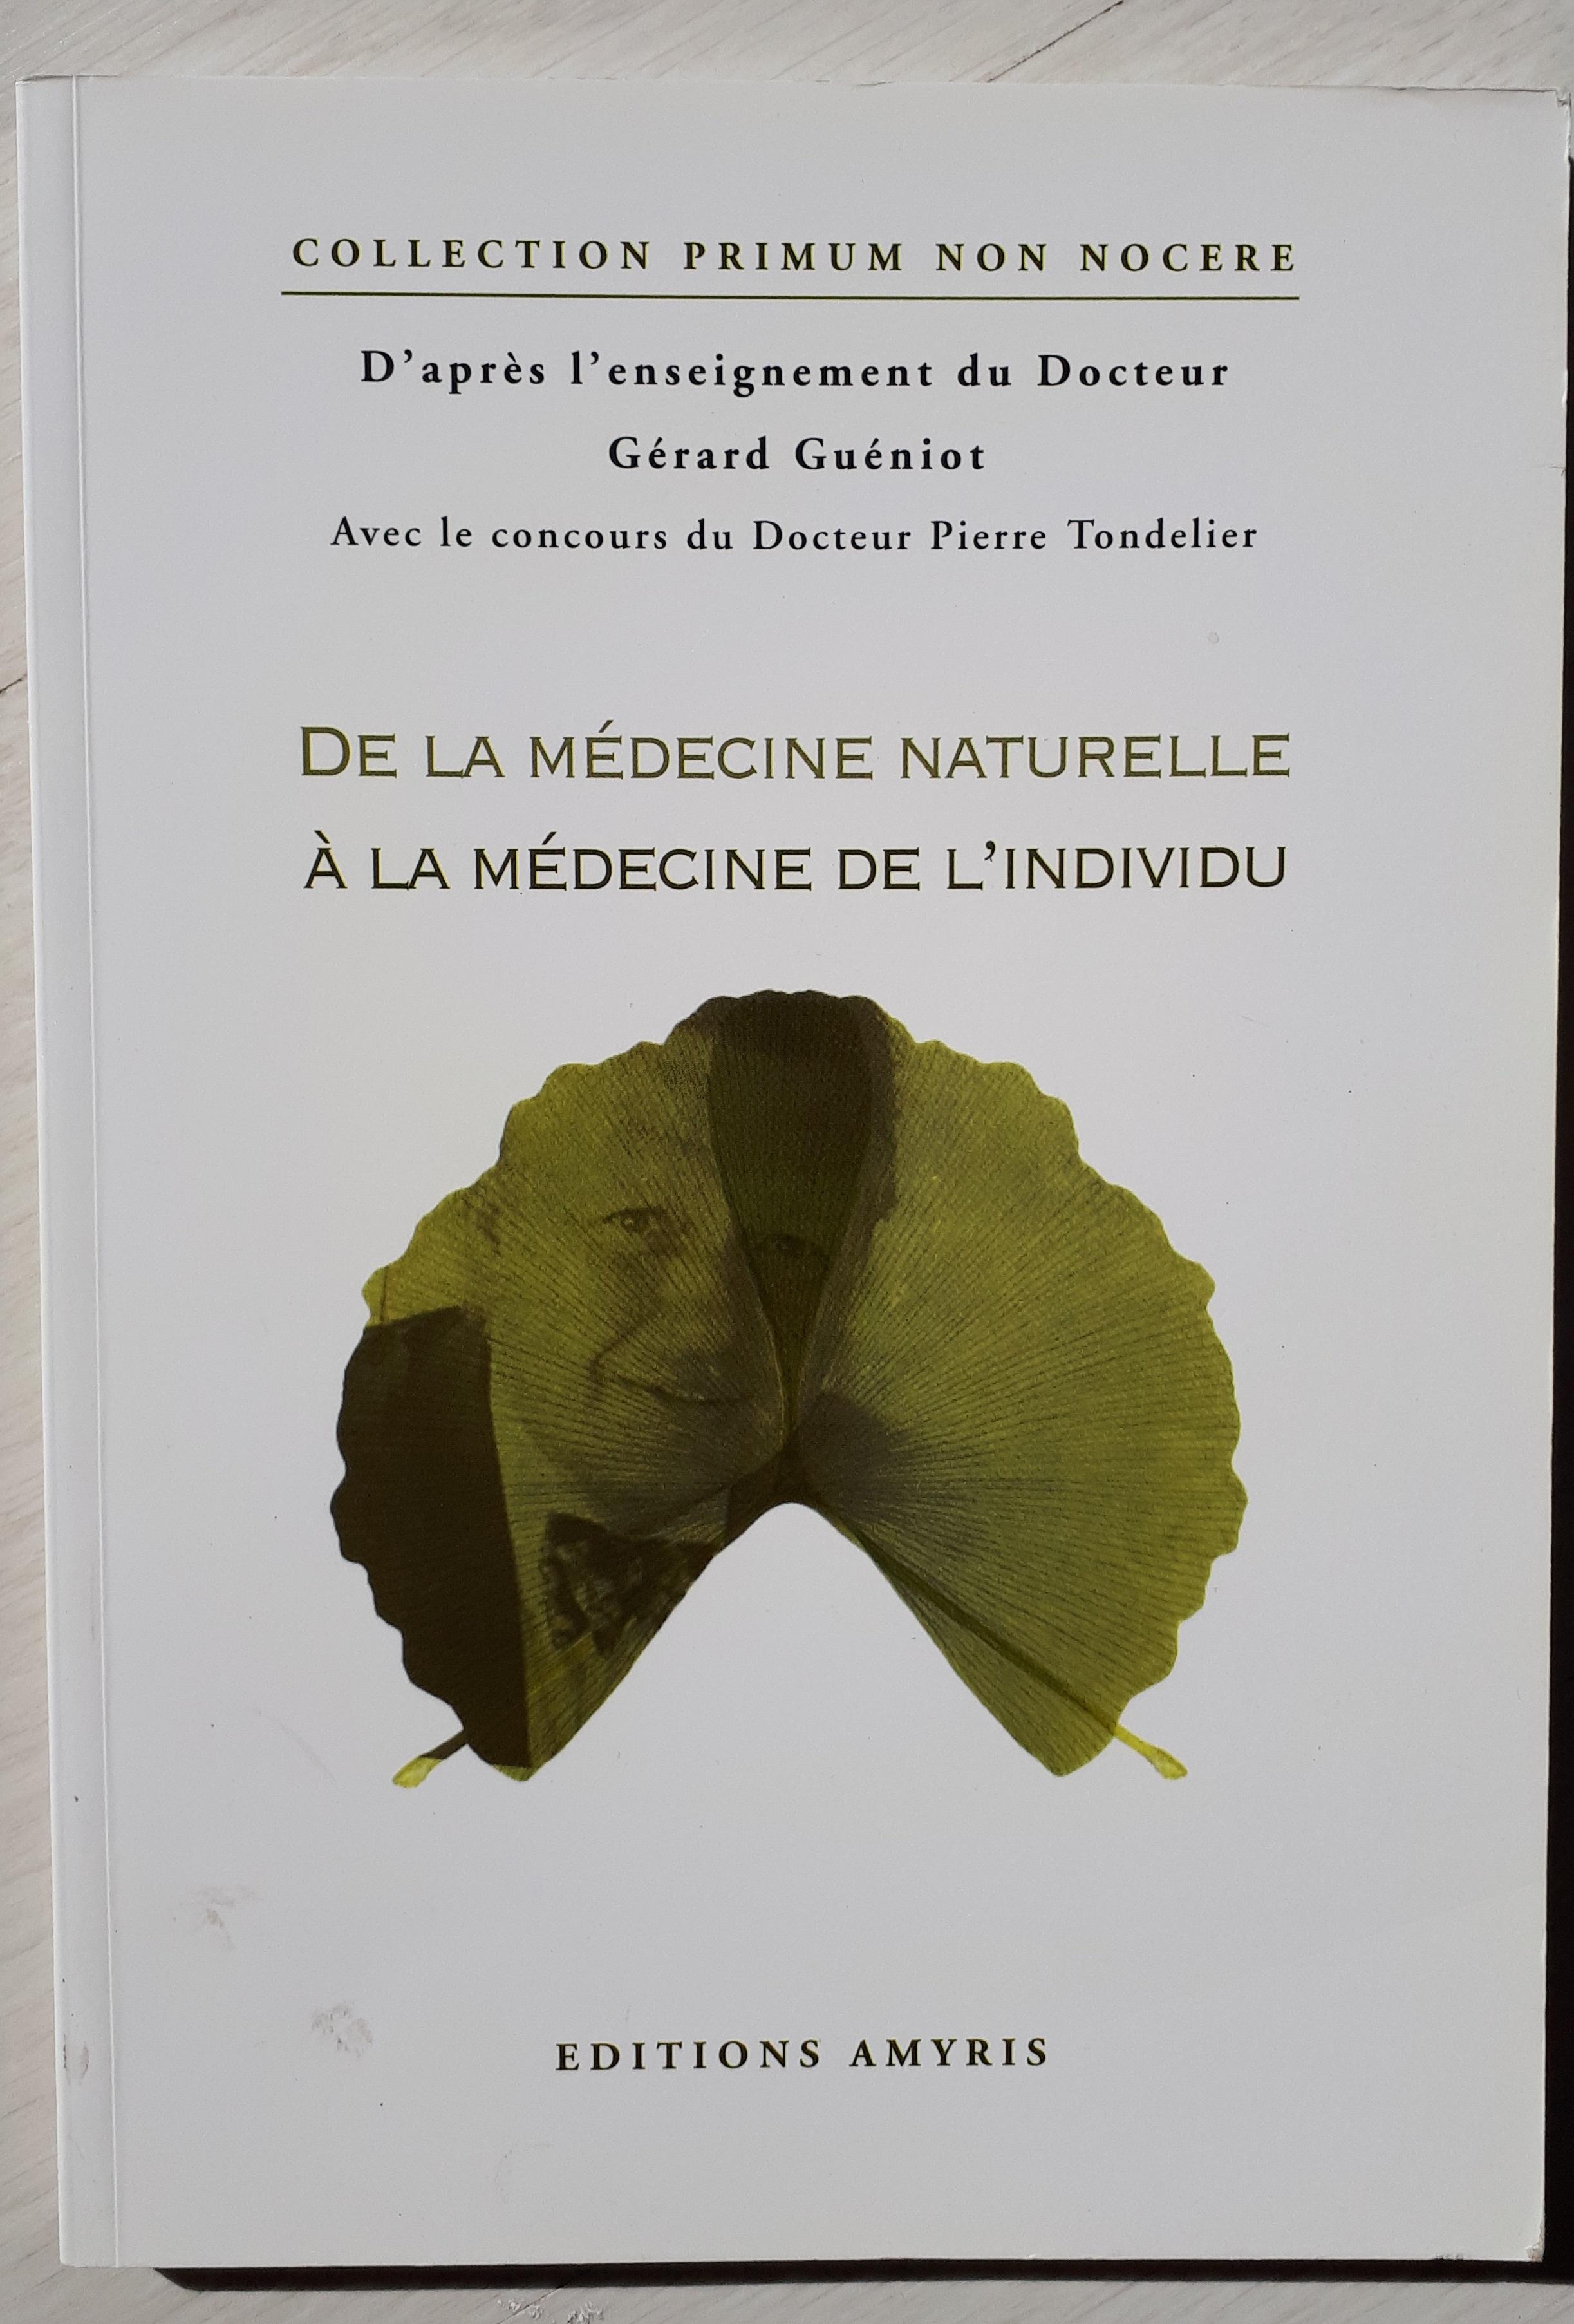 Supernaturo-de la médecine naturelle à la médecine de l'individu